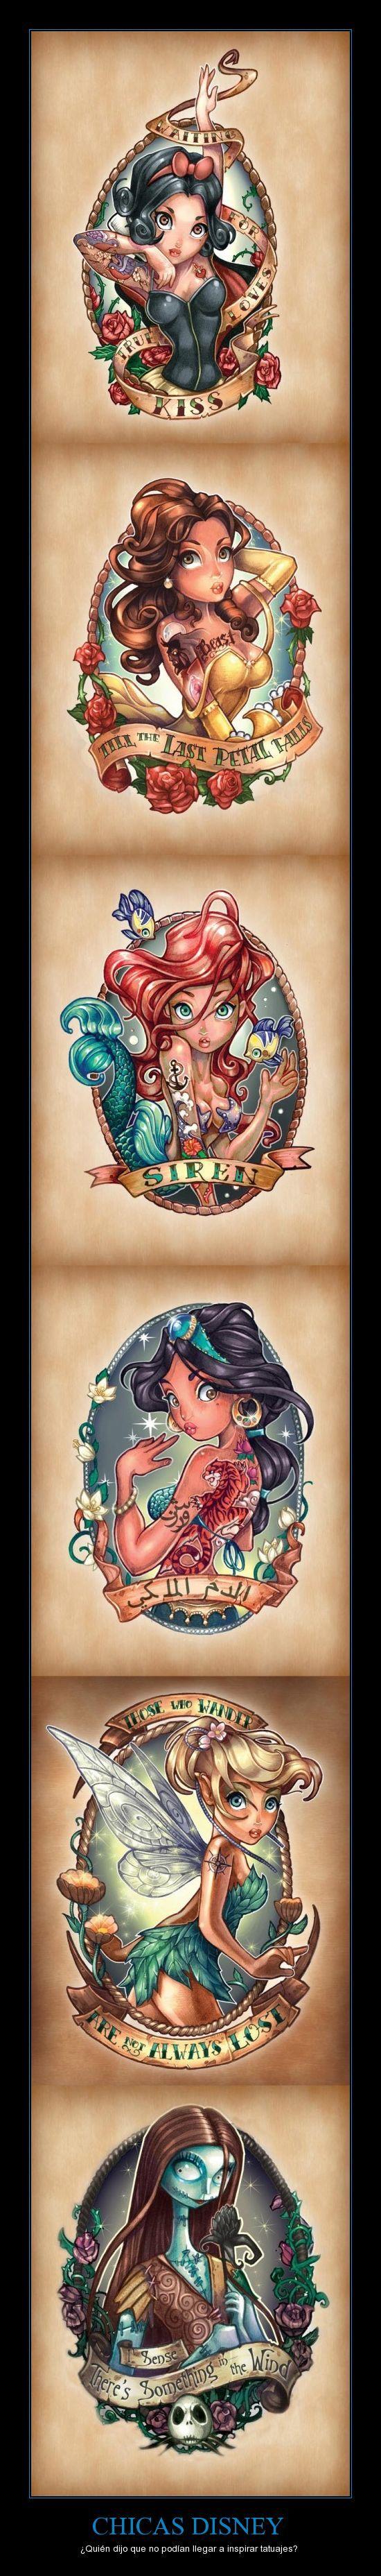 CHICAS DISNEY - ¿Quién dijo que no podían llegar a inspirar tatuajes?